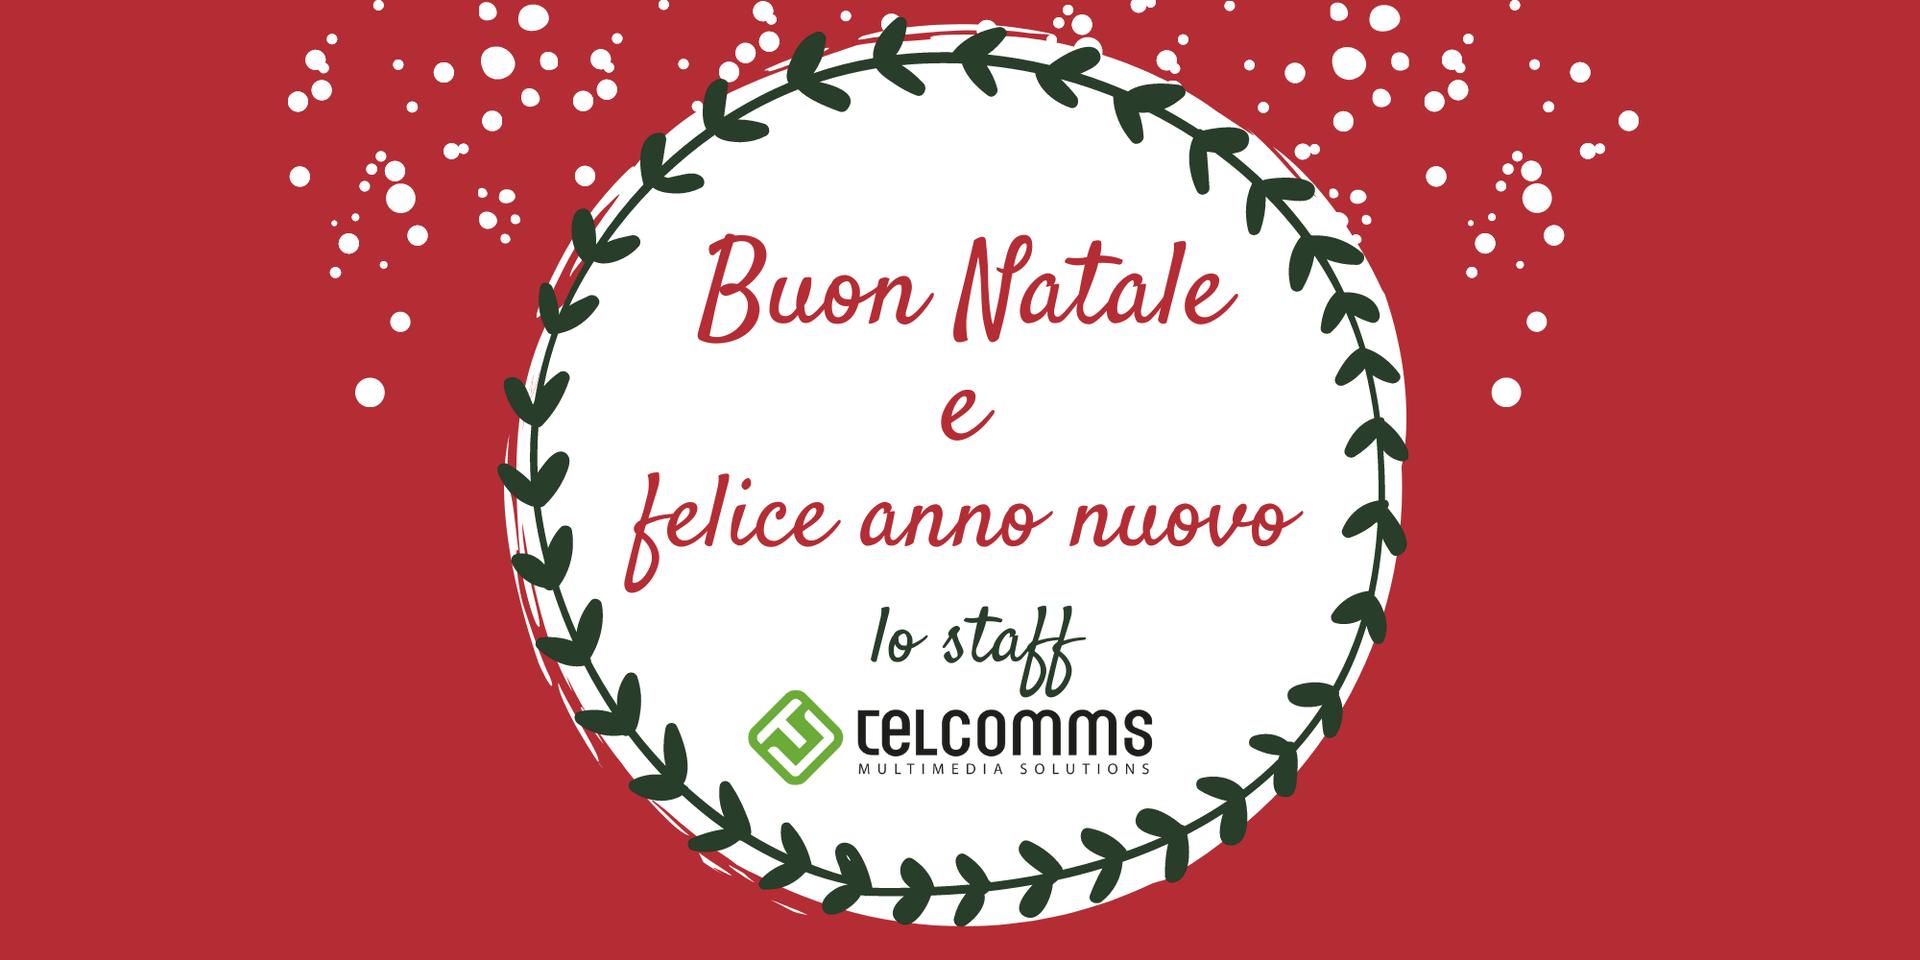 Buon Natale e felice anno nuovo da Telcomms!